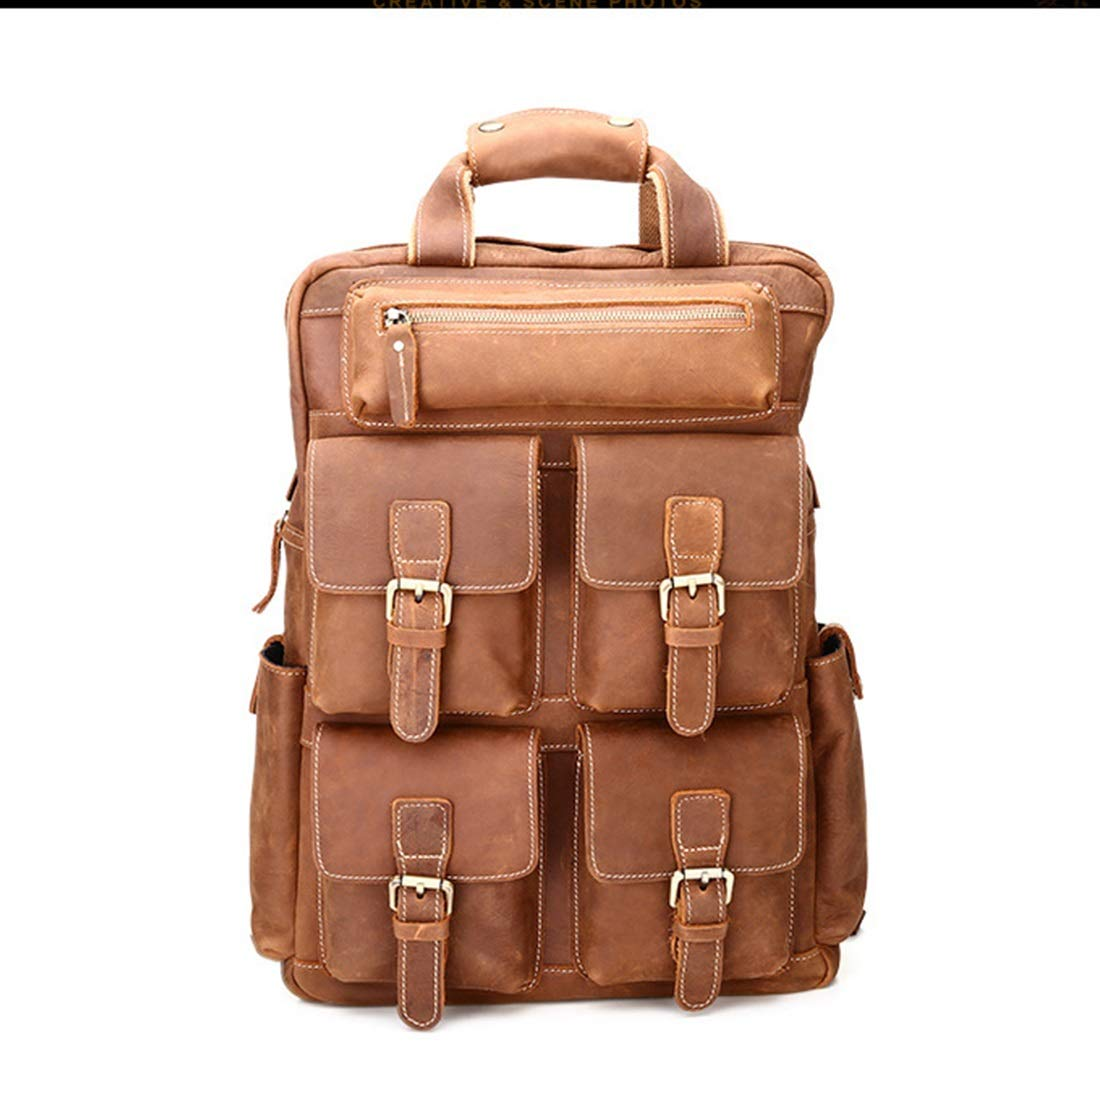 braun Mifusanahorn Multi Taschen Reisen Sporttasche Mens Handcrafted Vintage Echtleder Vintage Laptop Rucksack Schultertasche (Farbe   braun)